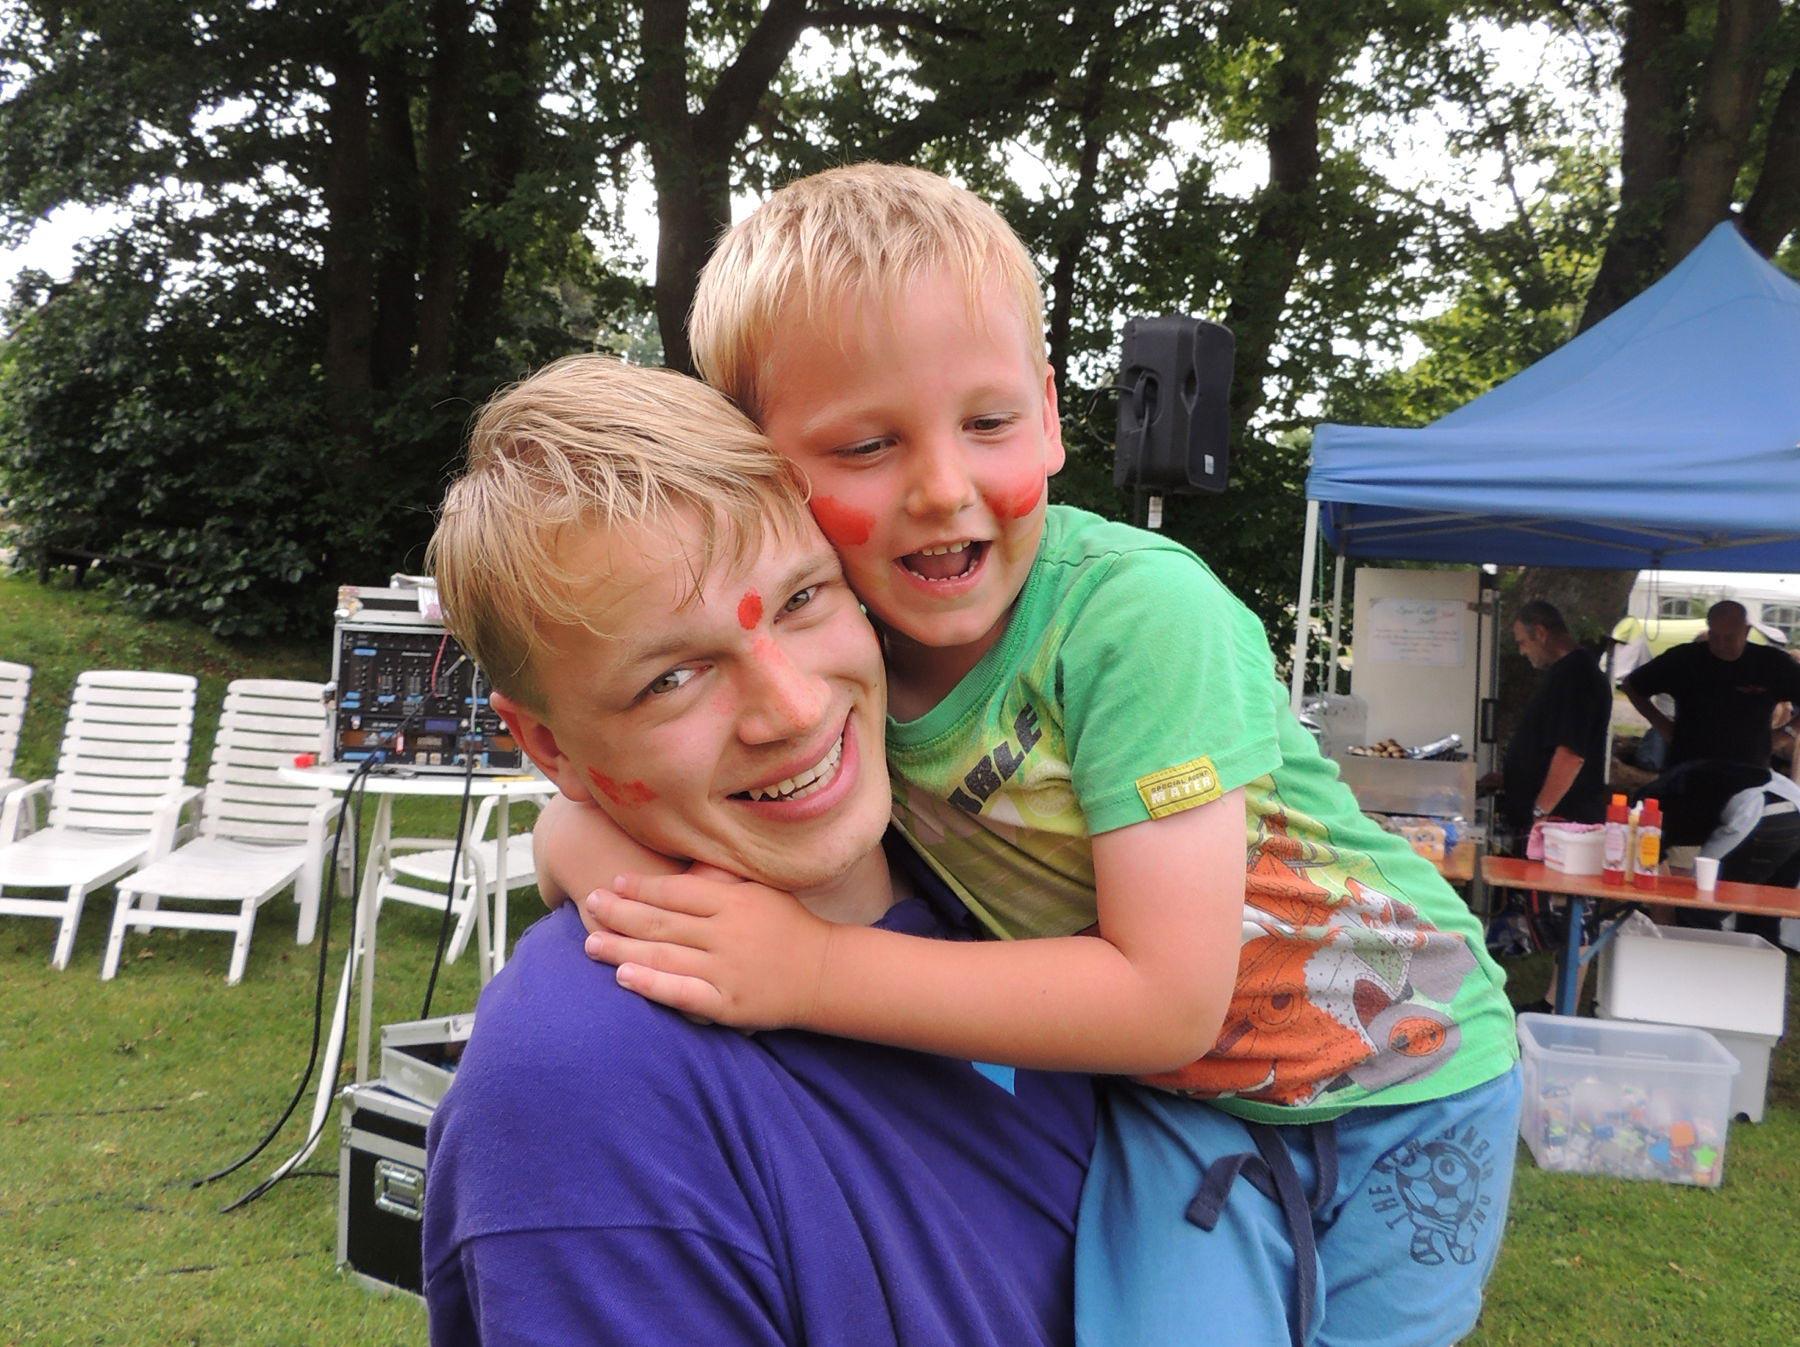 Strahlende Kinder auf dem kinderfreundlichen Campingplatz